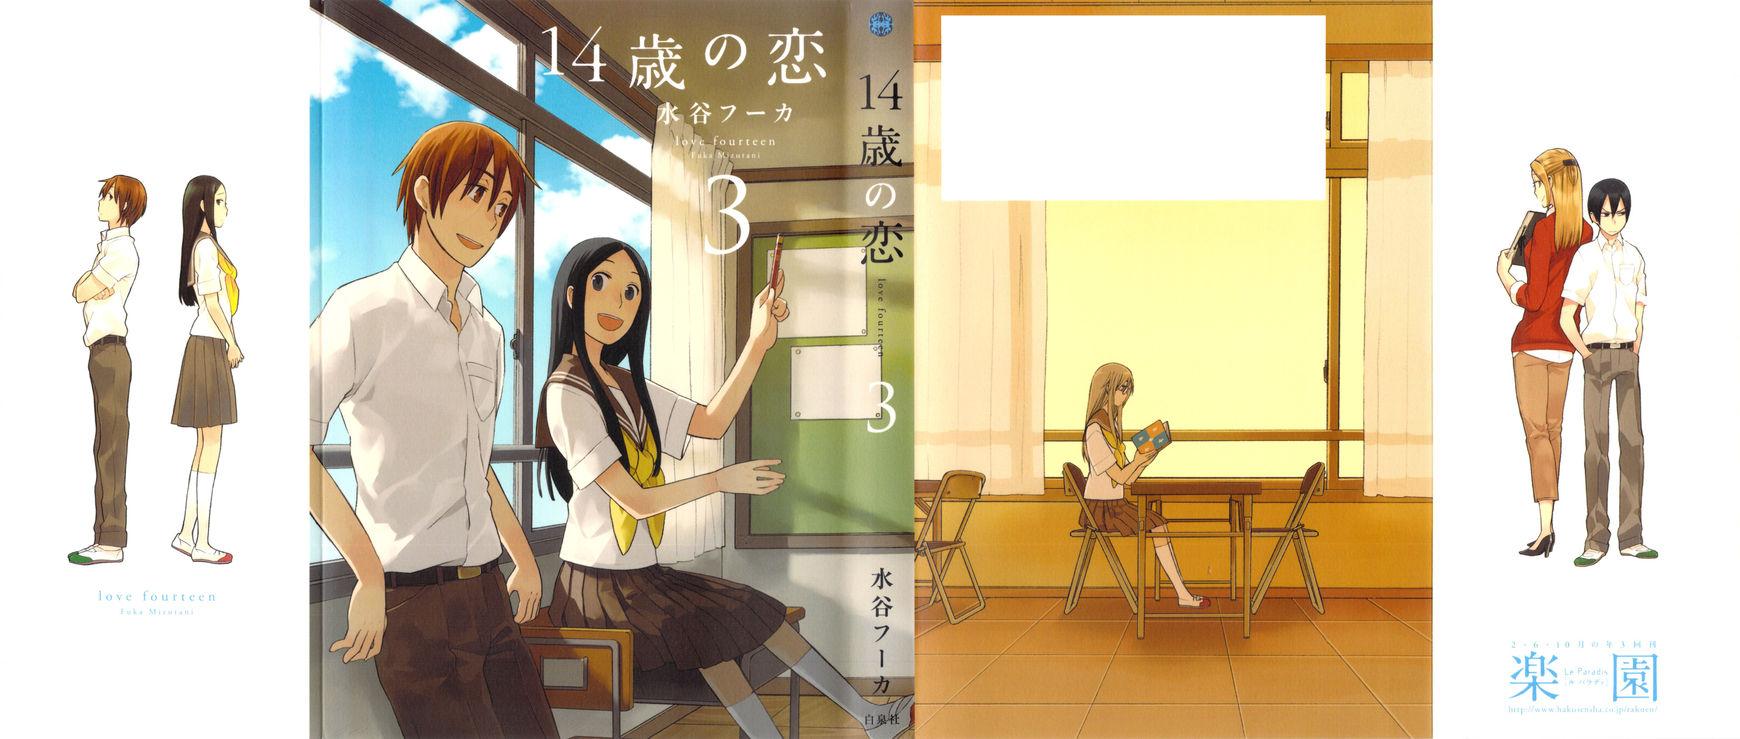 14 Sai No Koi 12 Page 1